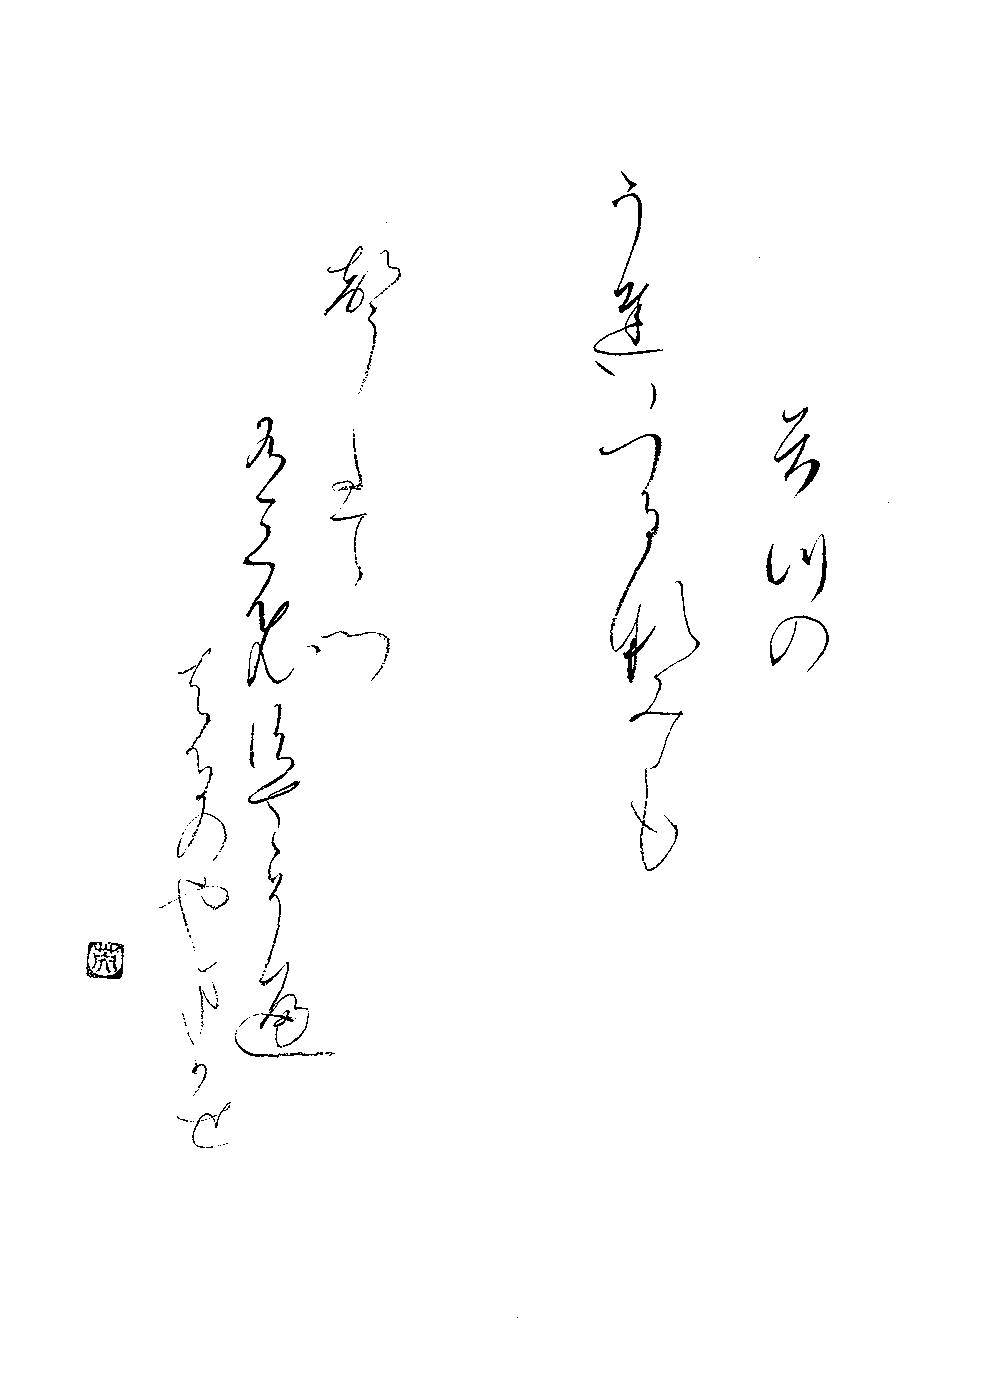 川野 寿扇